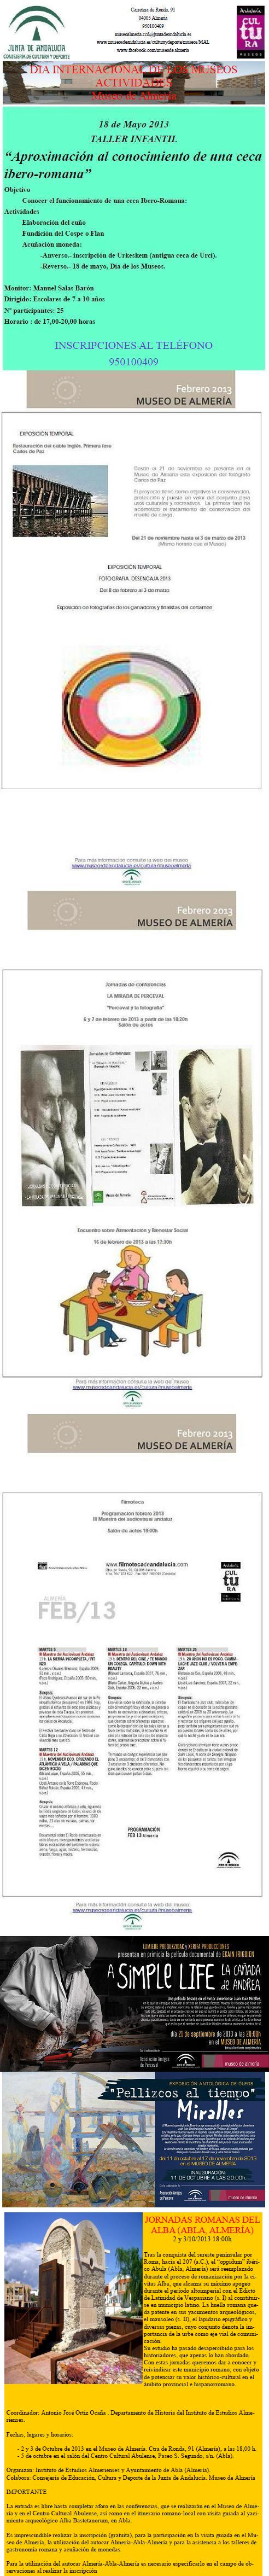 20131002184527-jesus-de-perceval-1-2-13-urkesken-mayo13-juan-ruiz-miralles-exposicion-.jpg